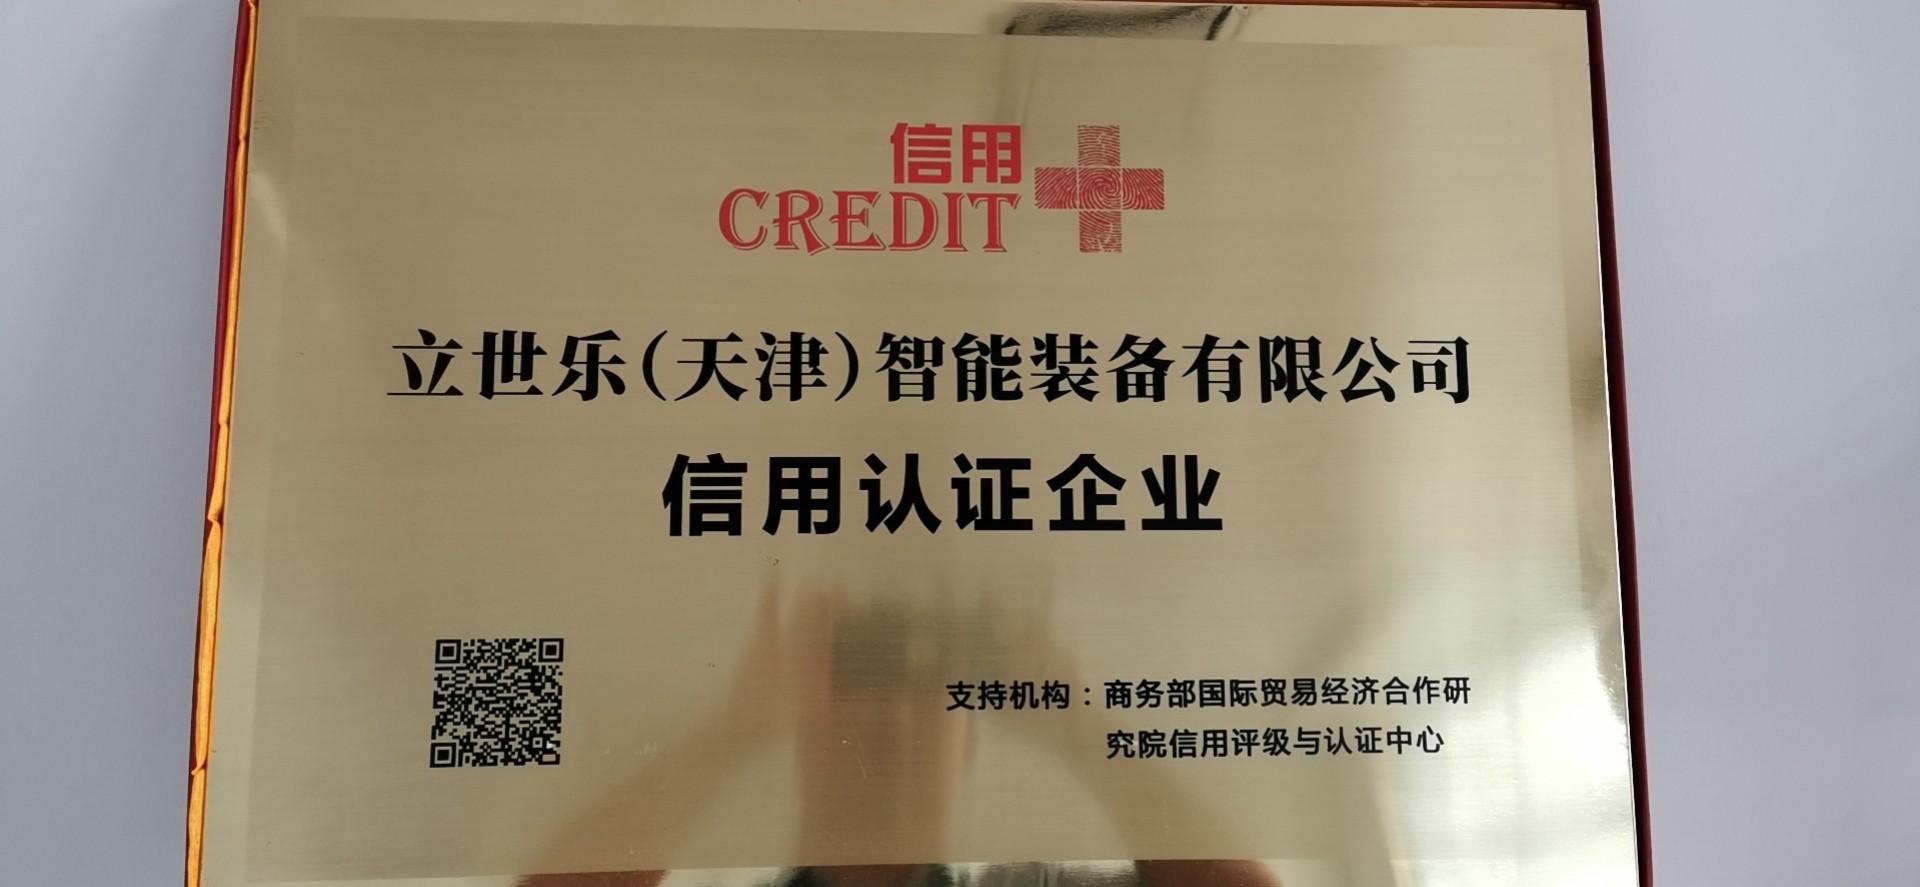 Kredit genehmigtes Unternehmen